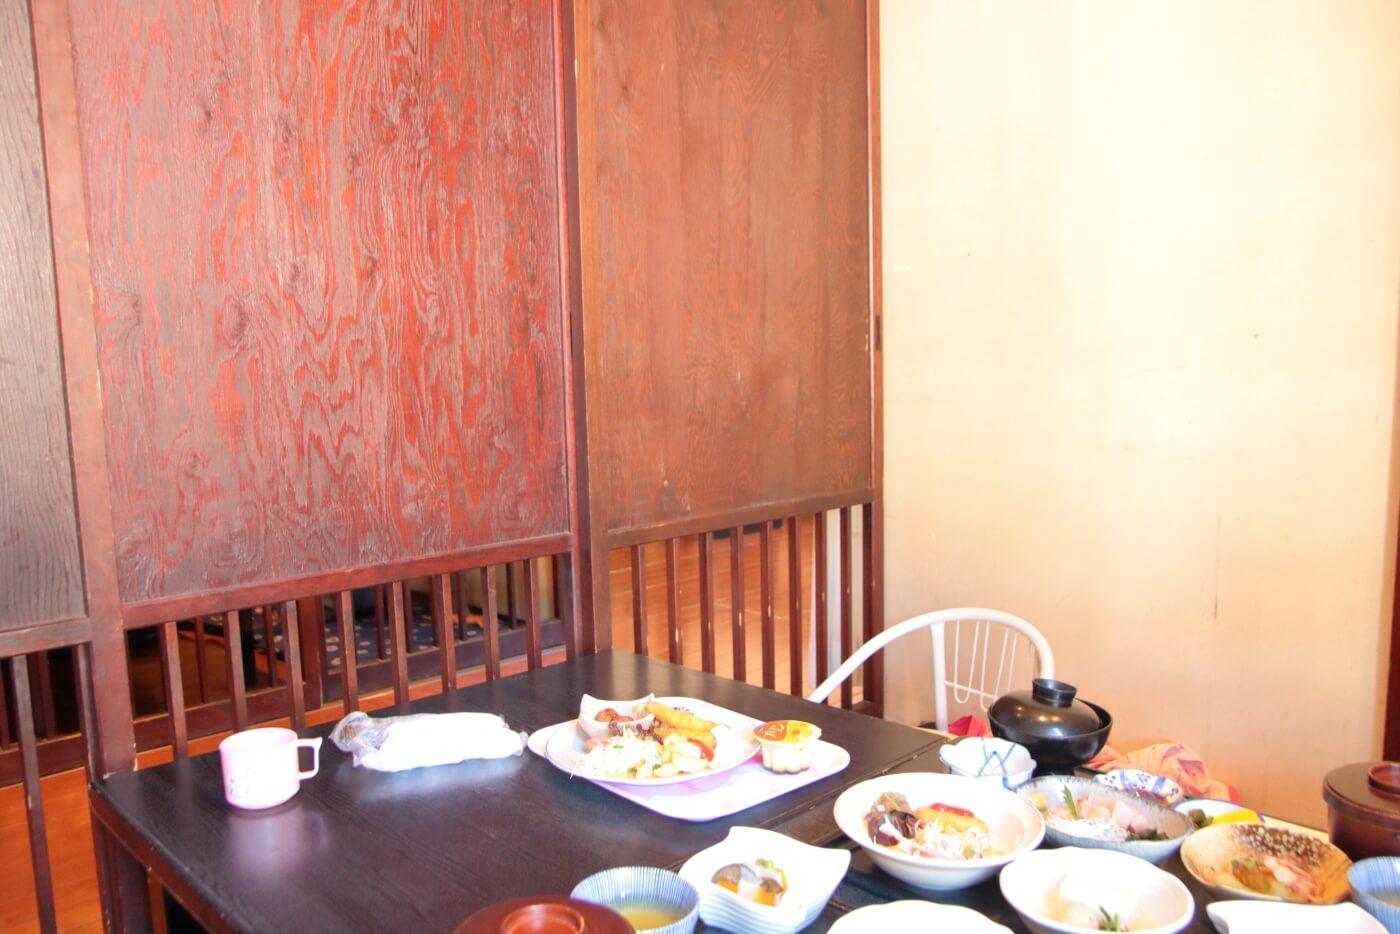 旬家おひざもとの内観 完全個室になった座敷